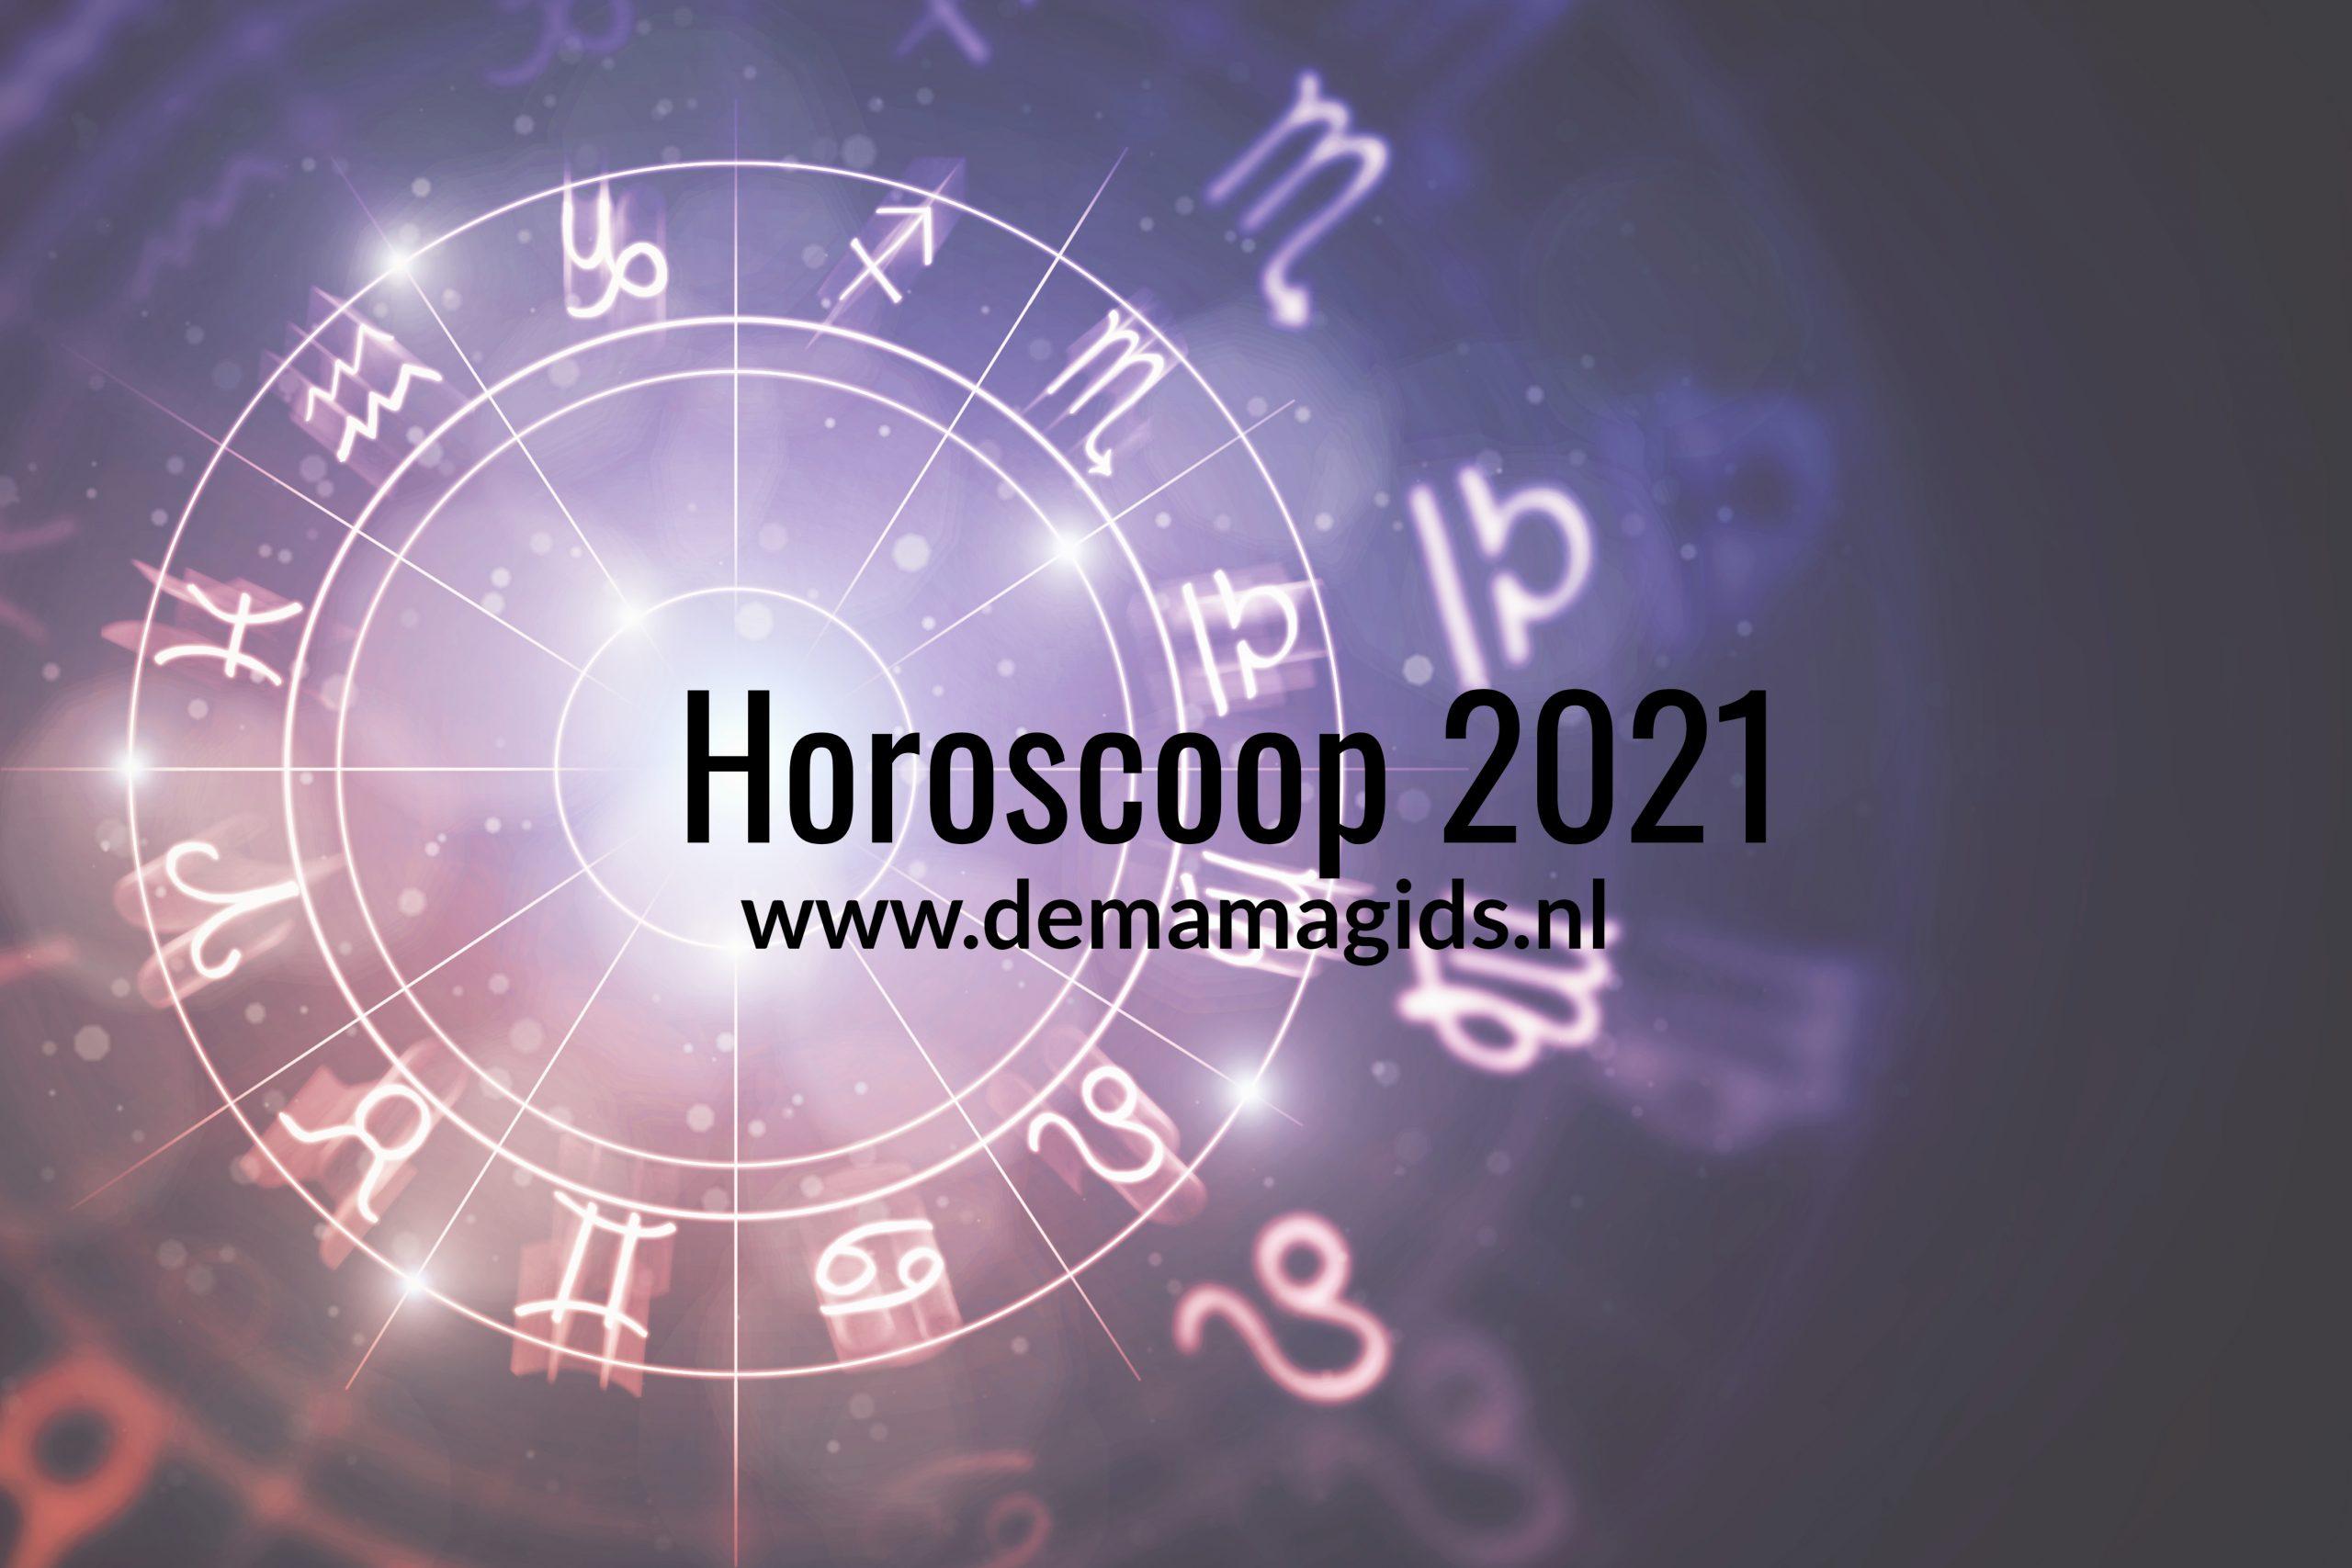 horoscoop maandhoroscoop juni 2021 waterman vissen ram stier tweelingen kreeft leeuw maagd weegschaal schorpioen boogschutter steenbok